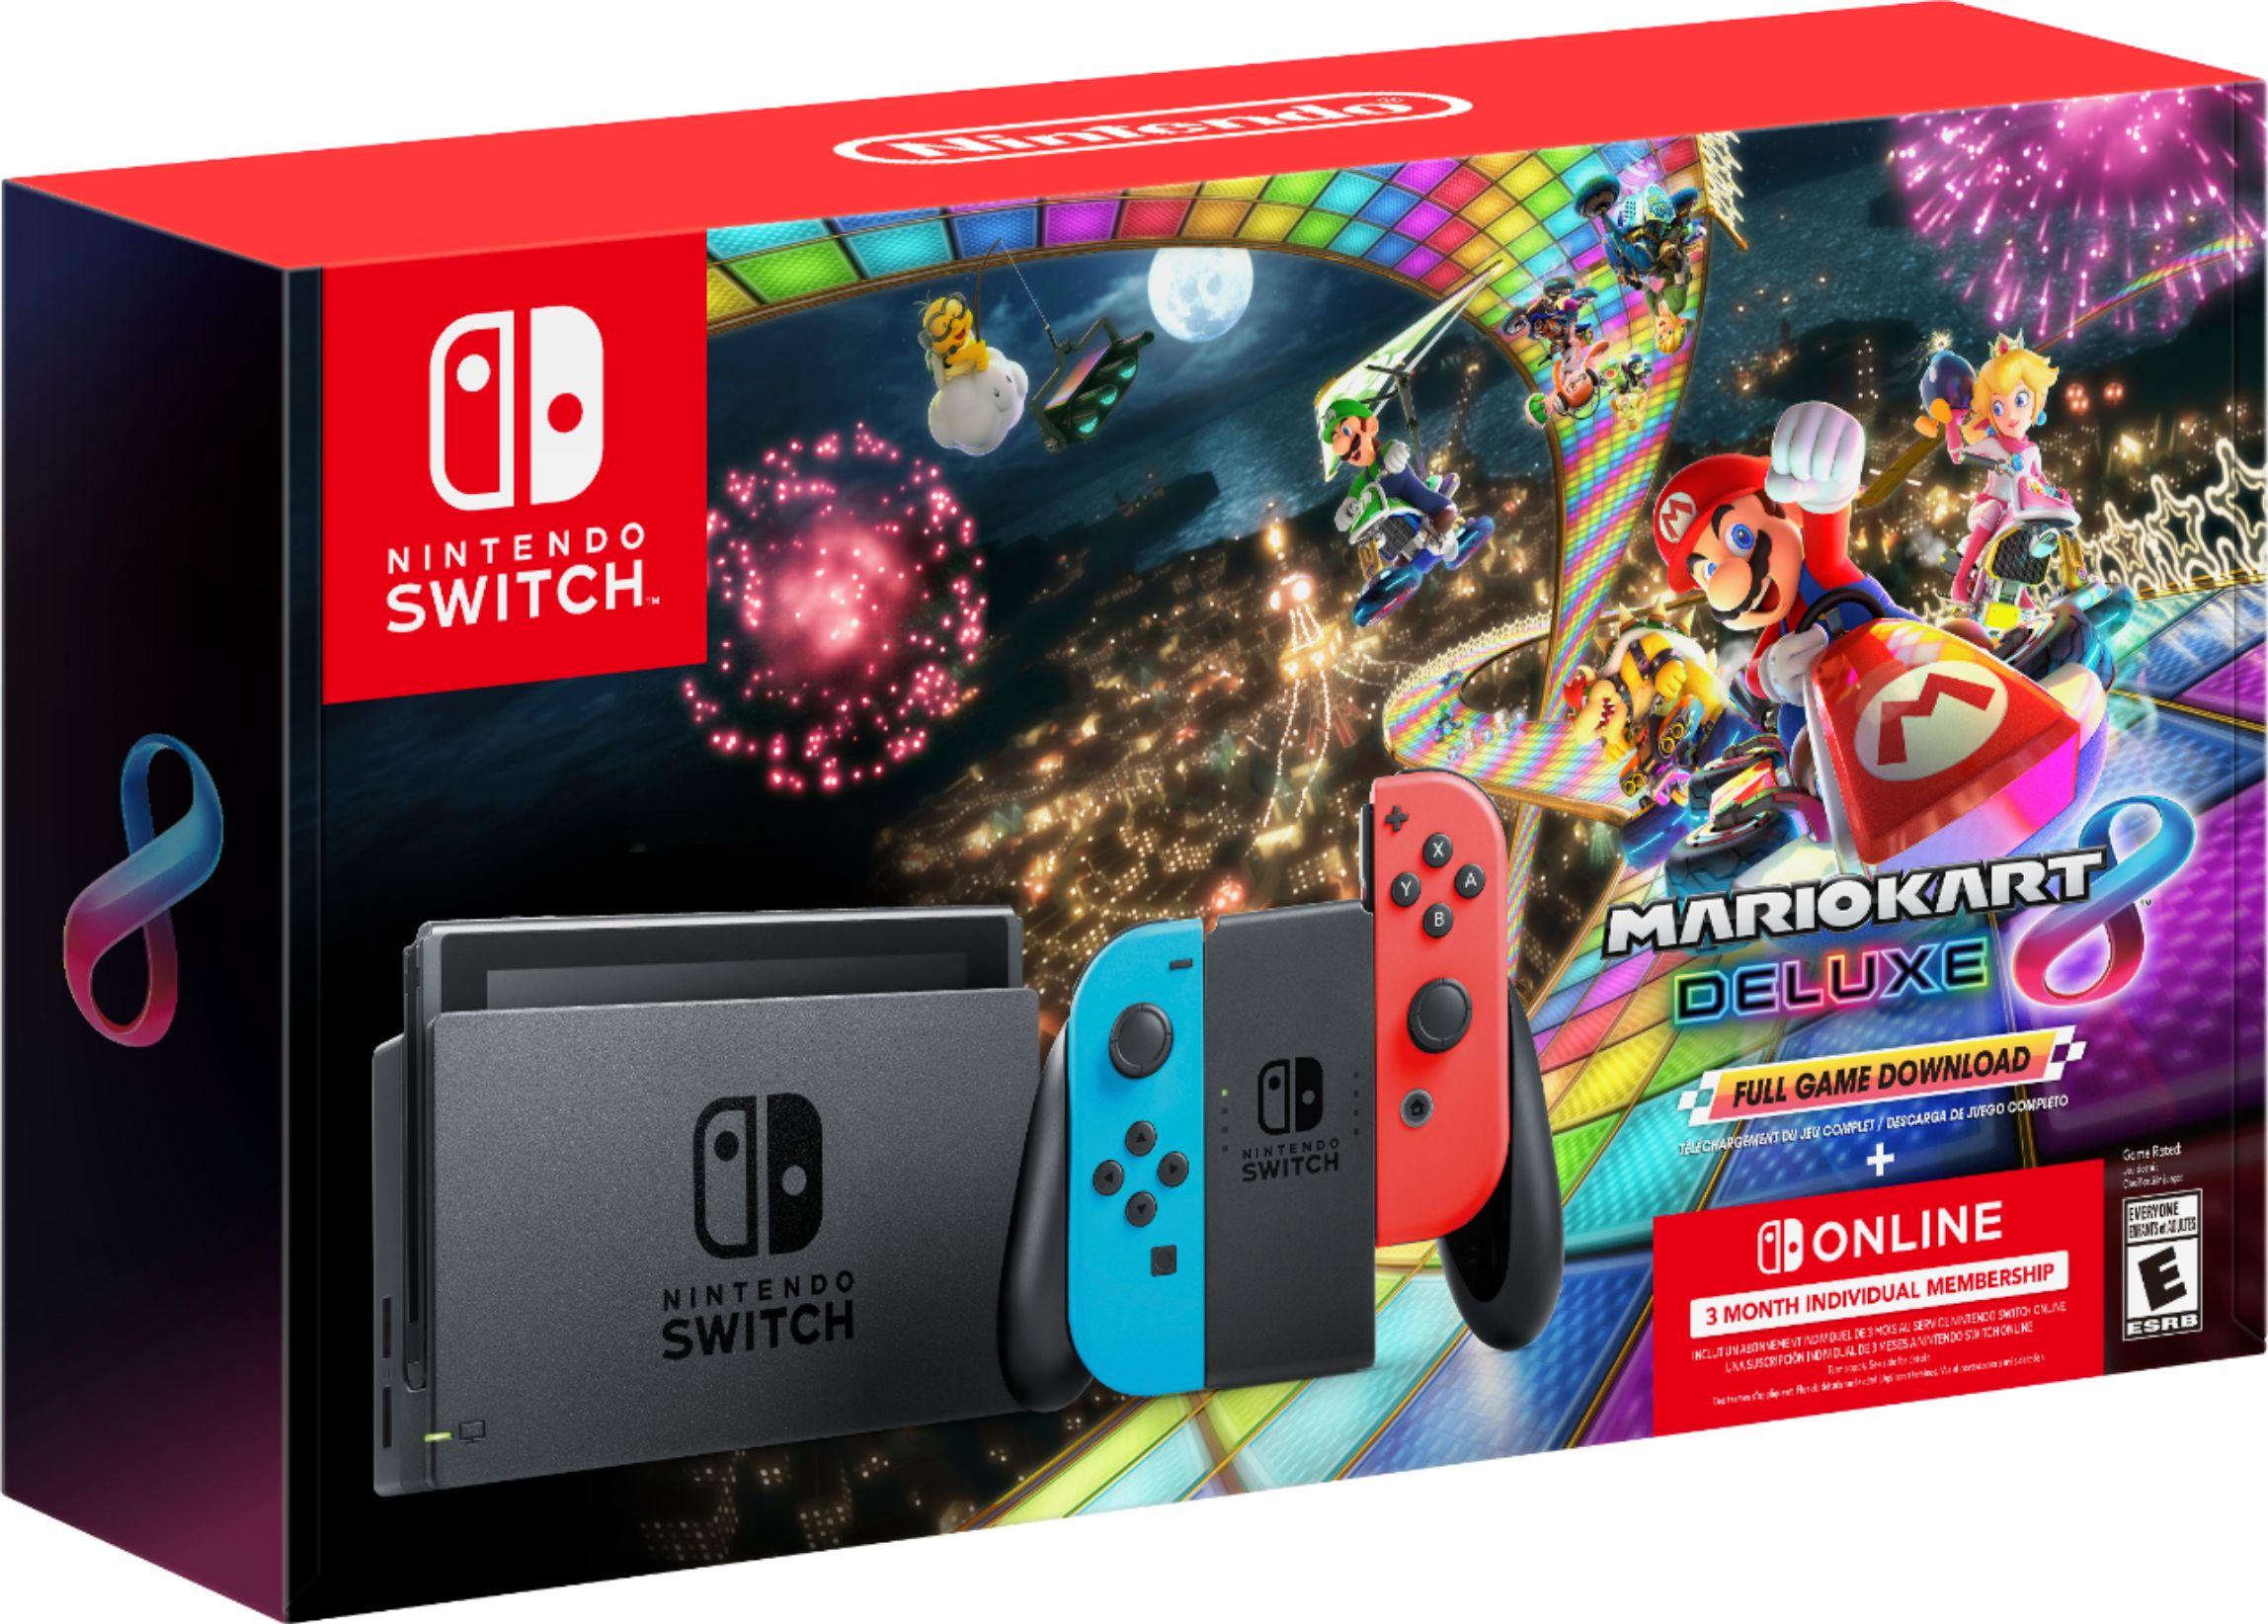 Black Friday Nintendo Switch Bundle